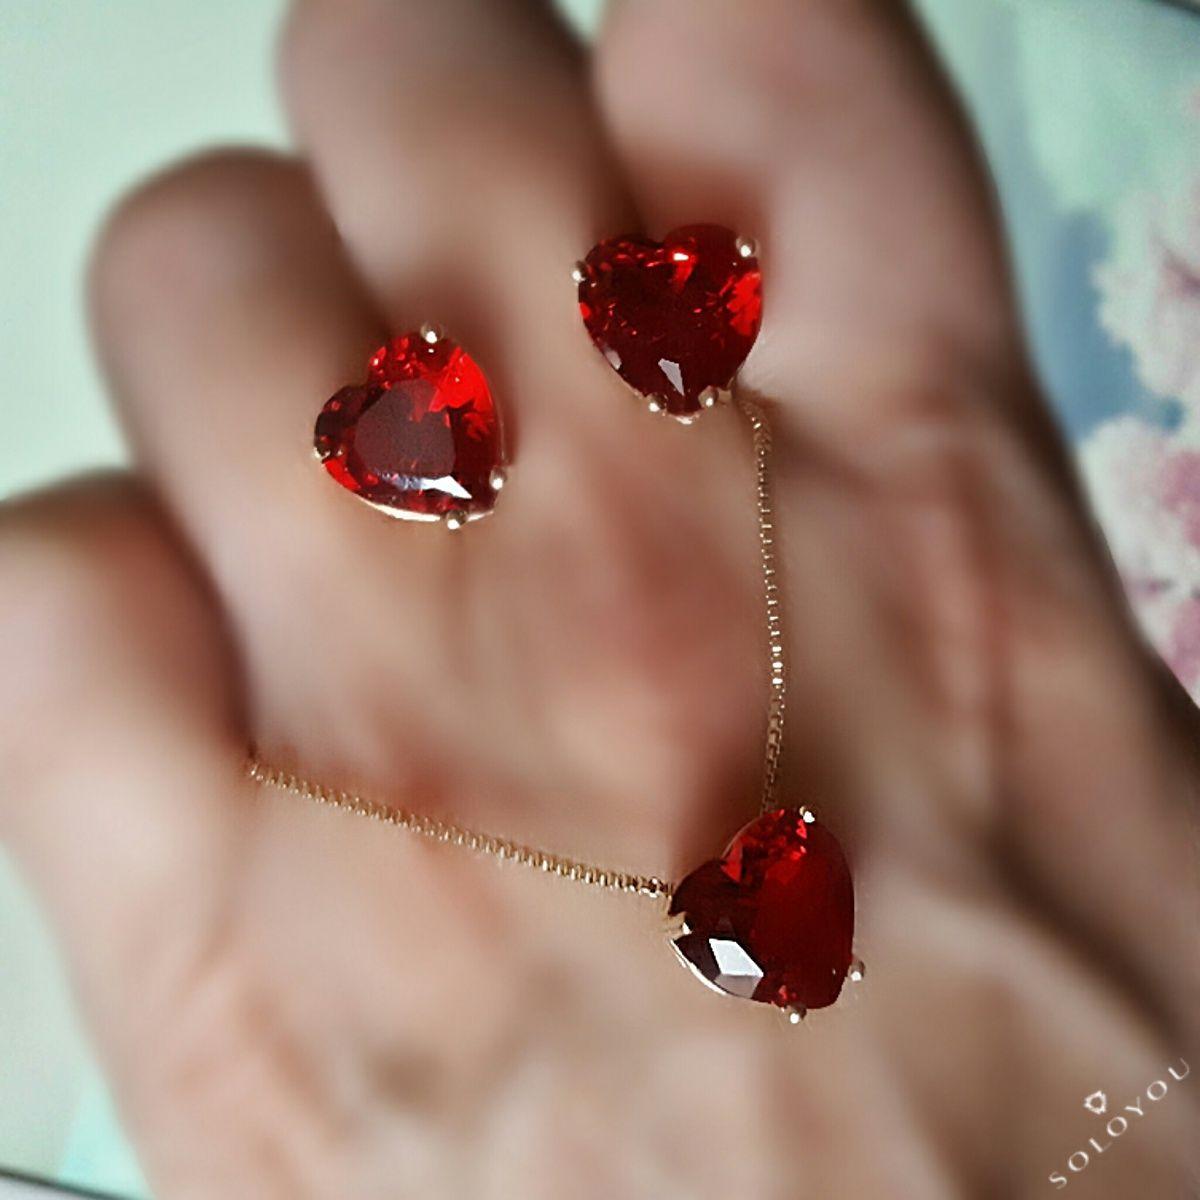 Brinco Dourado Coração Vermelho de Zircônia 10 mm Semijoia em Ouro 18K  - Soloyou